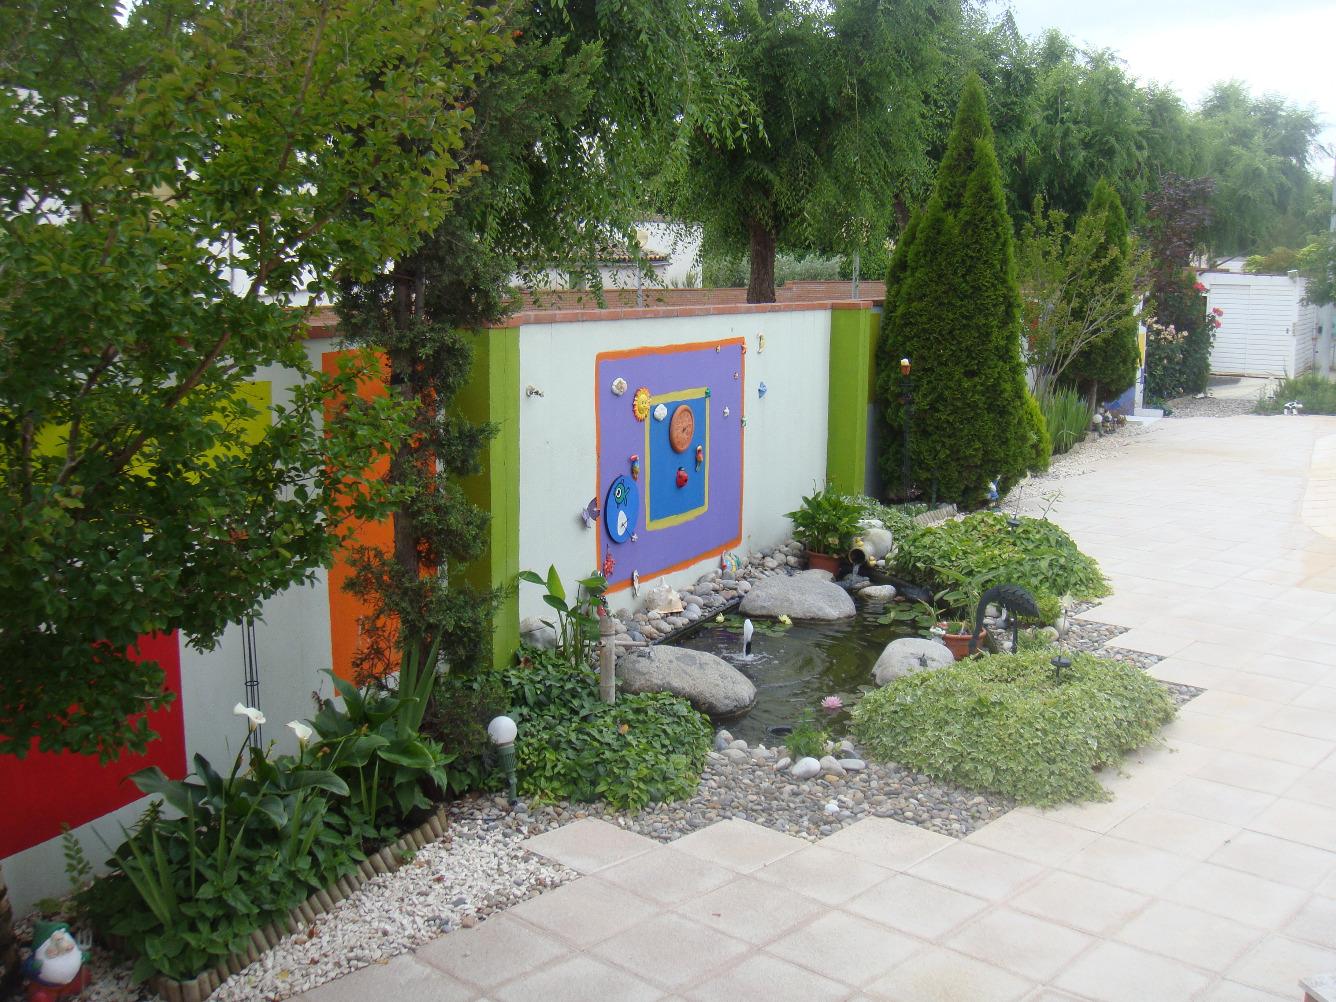 Lloguer Casa  Lleida capital - joc de la bola - camps d'esports - ciutat jardí. Chalet 650 m2 y su parcela de 614 m2, mas parcela anexa 627 m2 (